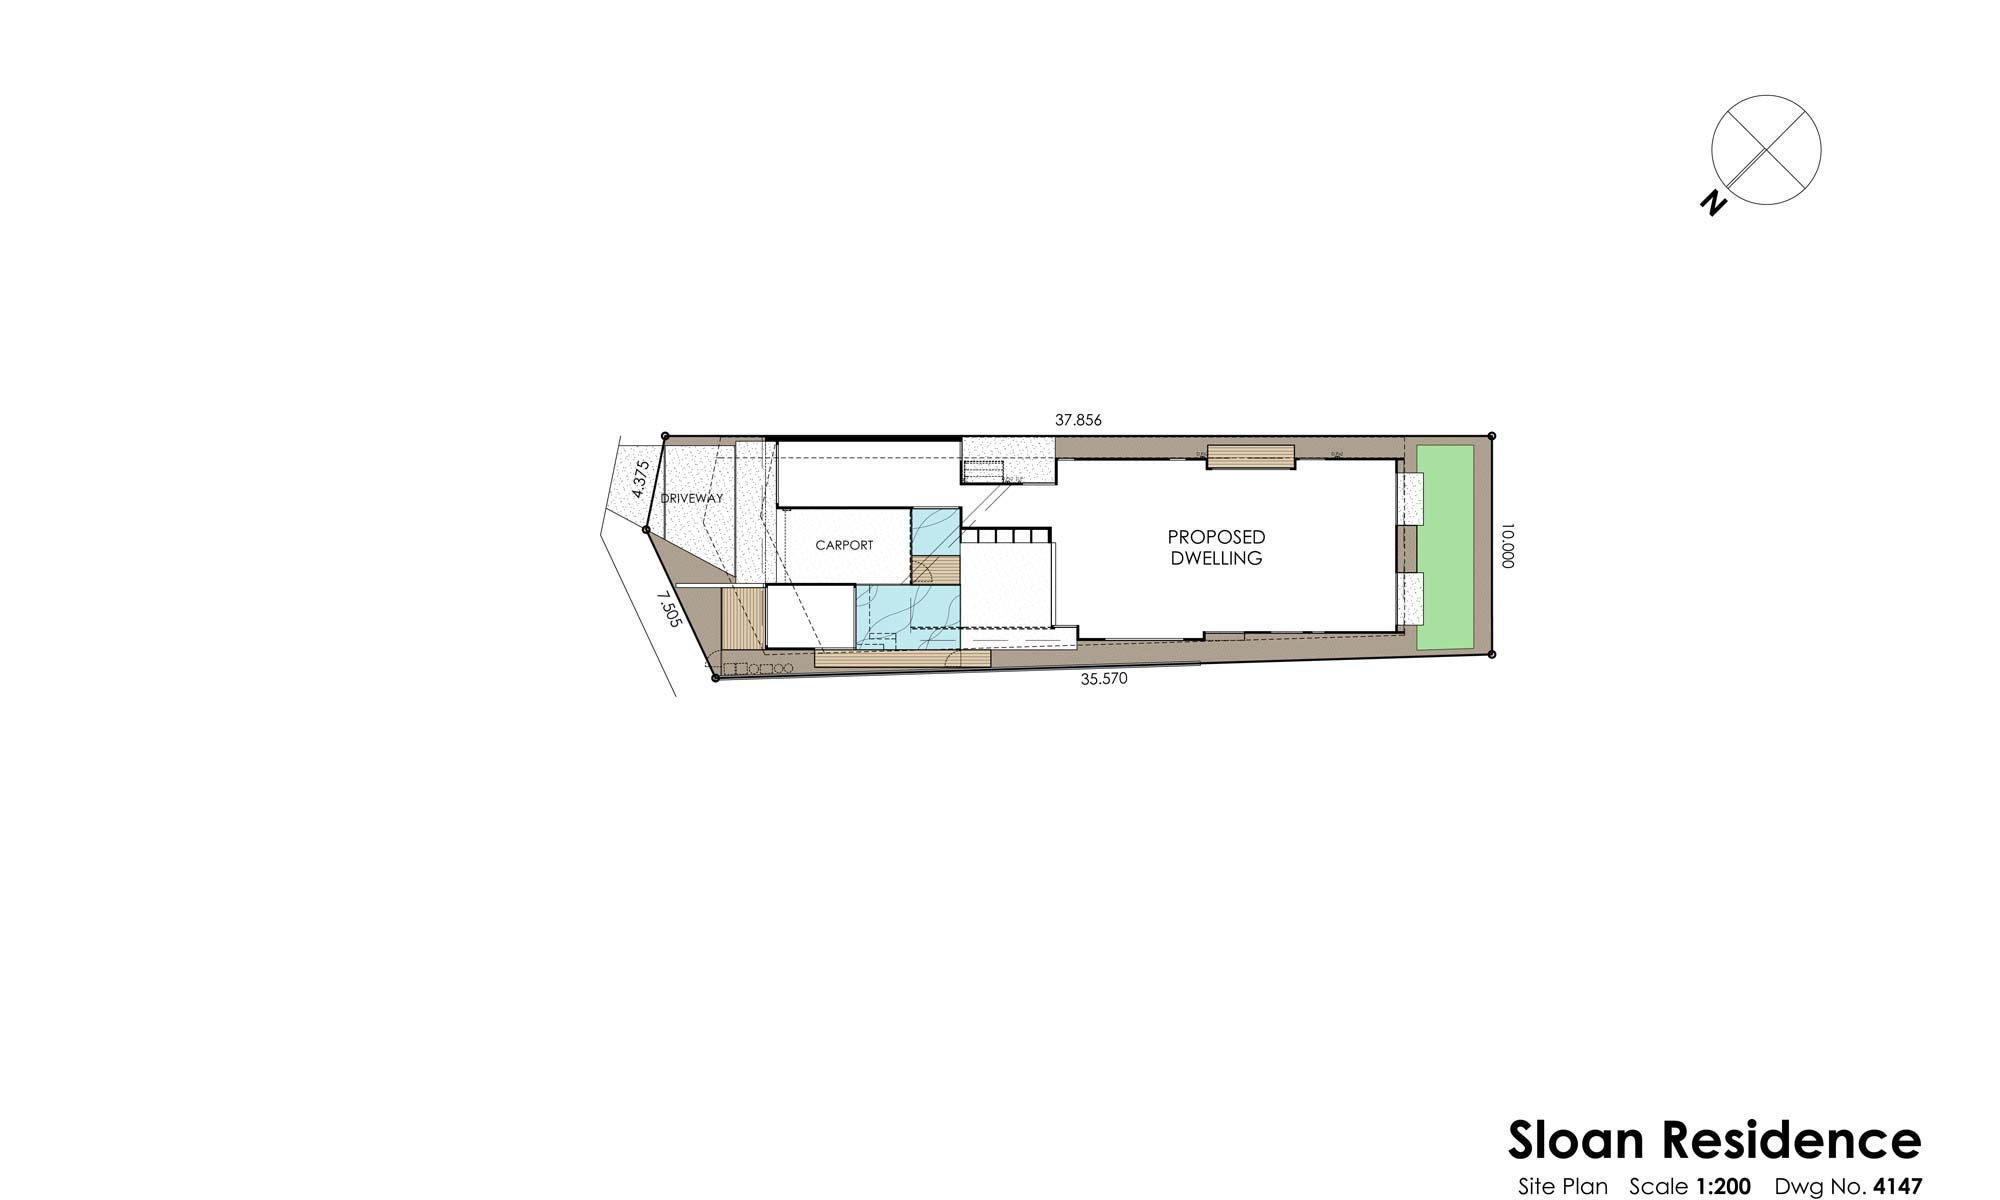 sloan residence site plan